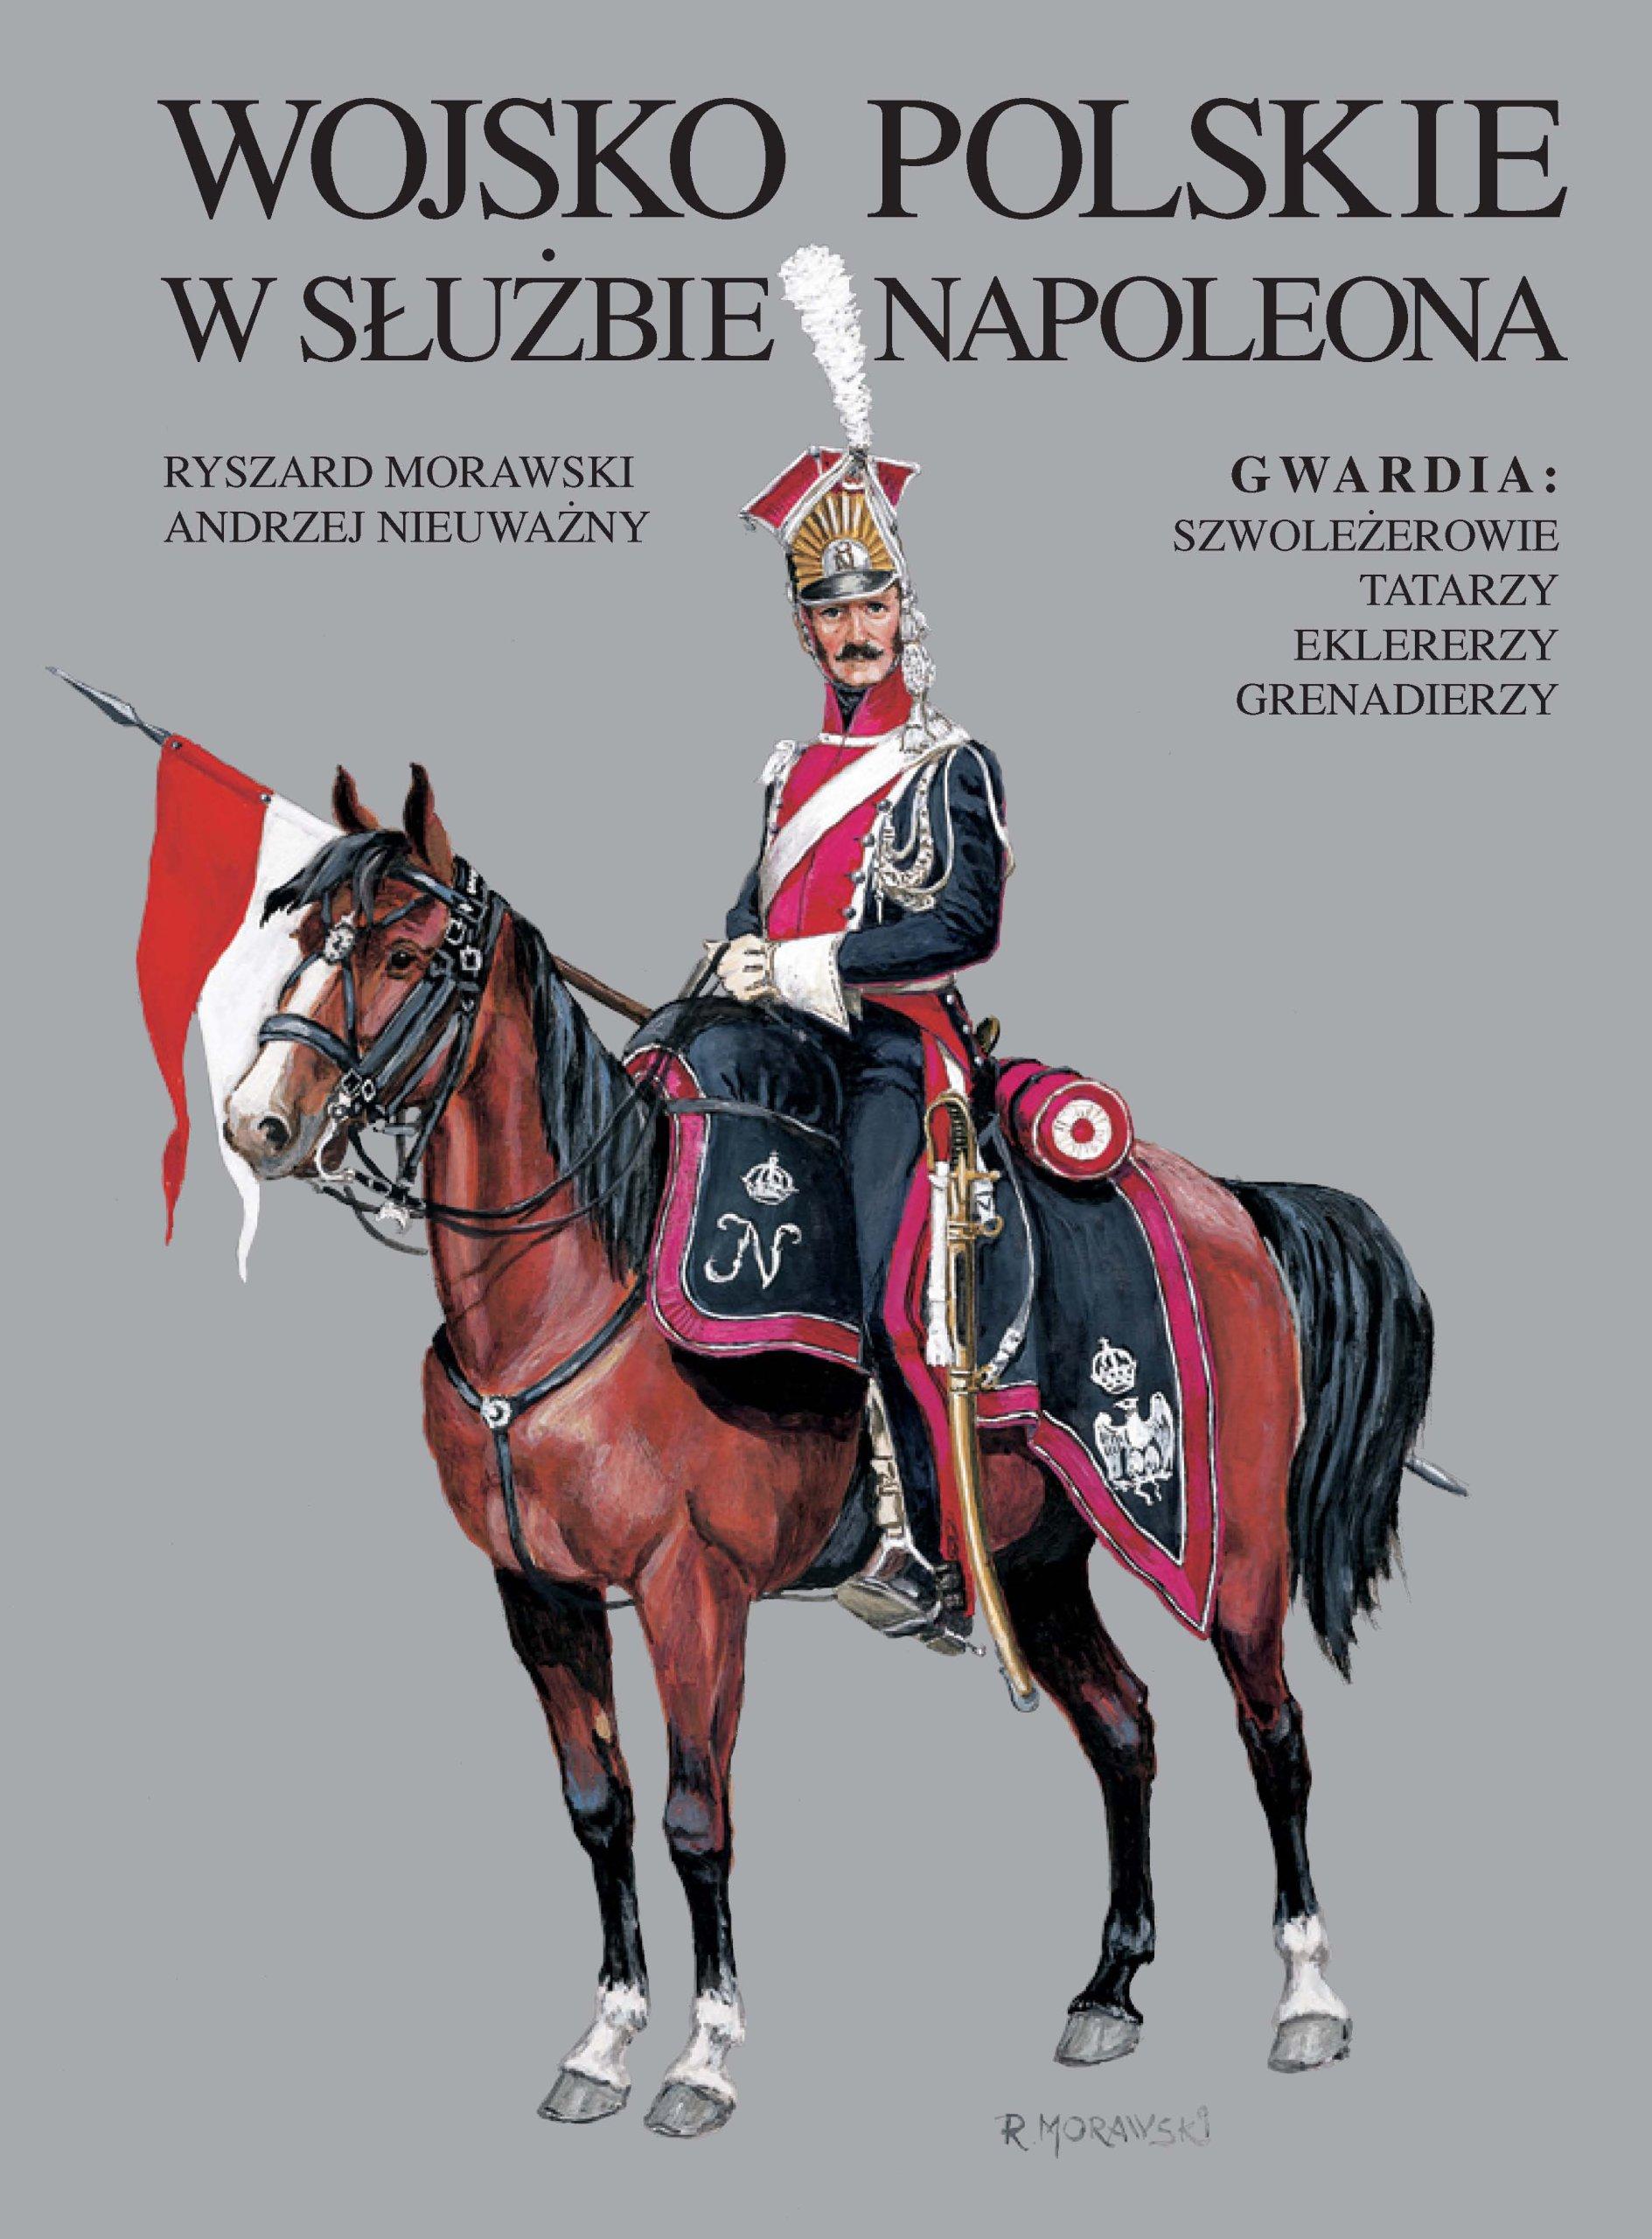 Gwardia Napoleona. Szwoleżerowie, Tatarzy ....